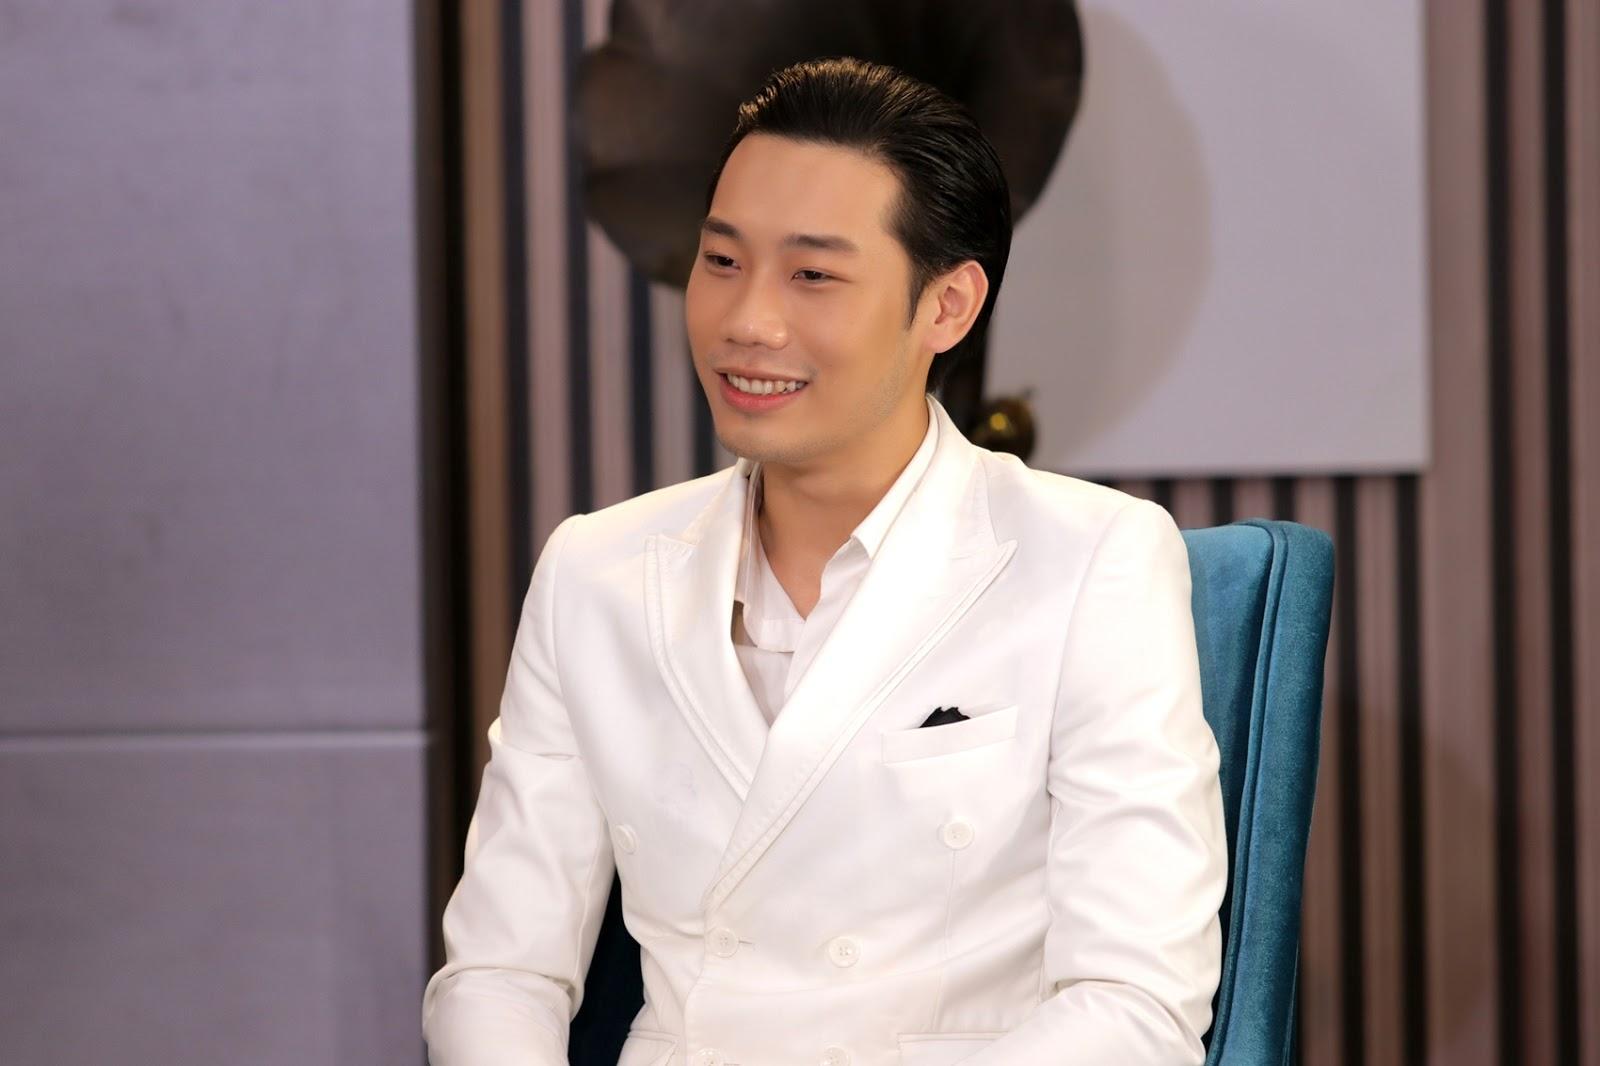 Đạo diễn Lê Hoàng sửng sốt với giá đi ăn tối hàng ngàn USD của dàn người mẫu, diễn viên - Hình 6